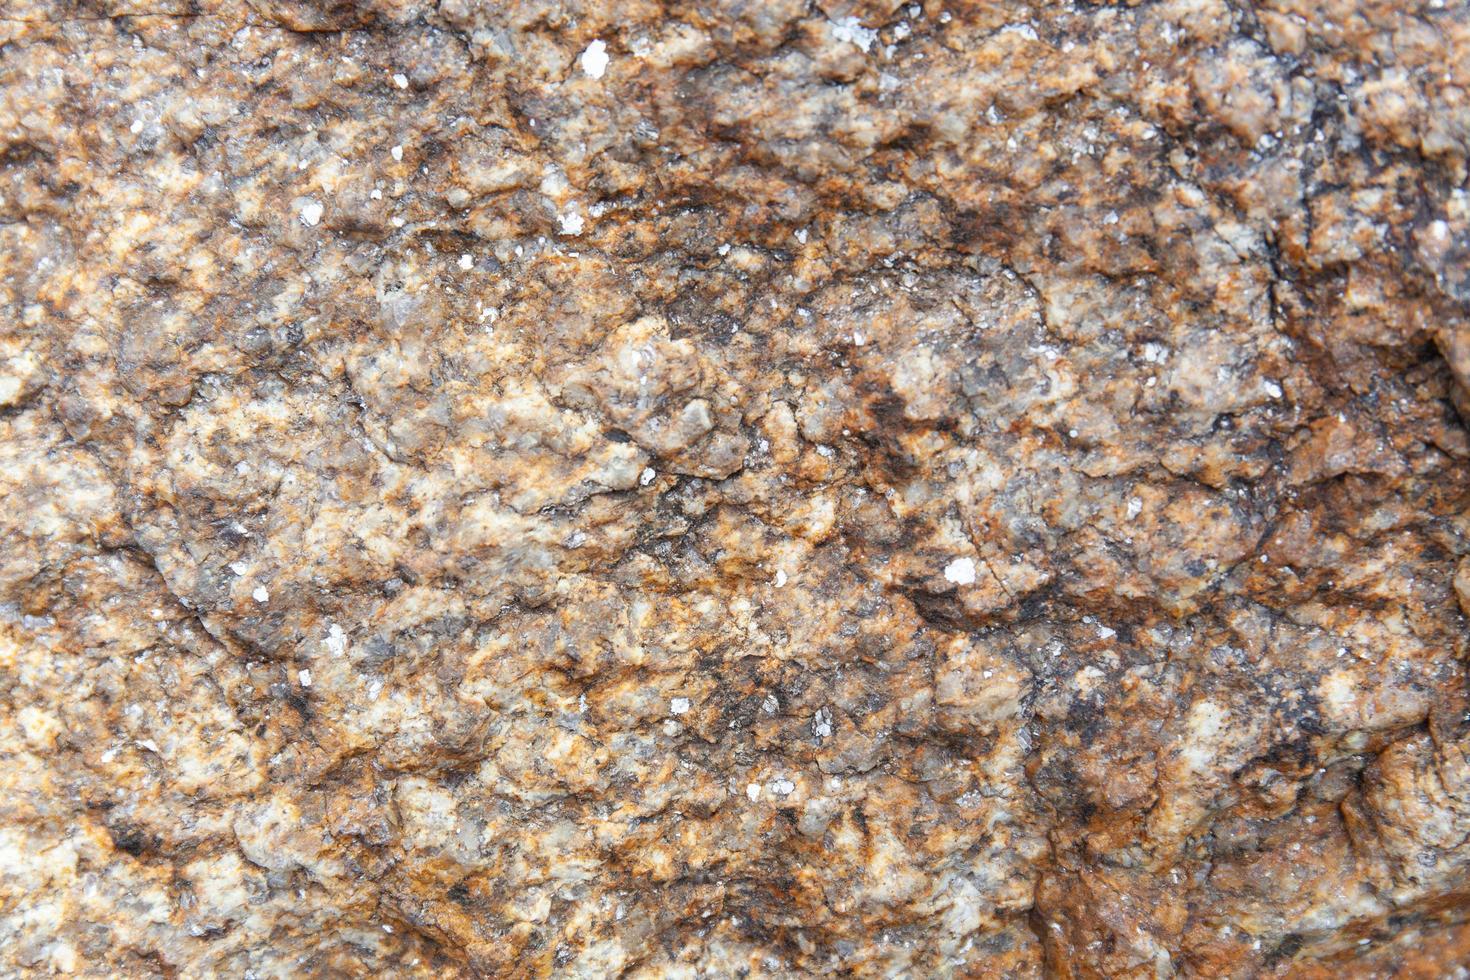 abstrakte Natur Grunge-Textur-Hintergrund von dunkelbraunem Granitfelsen. foto